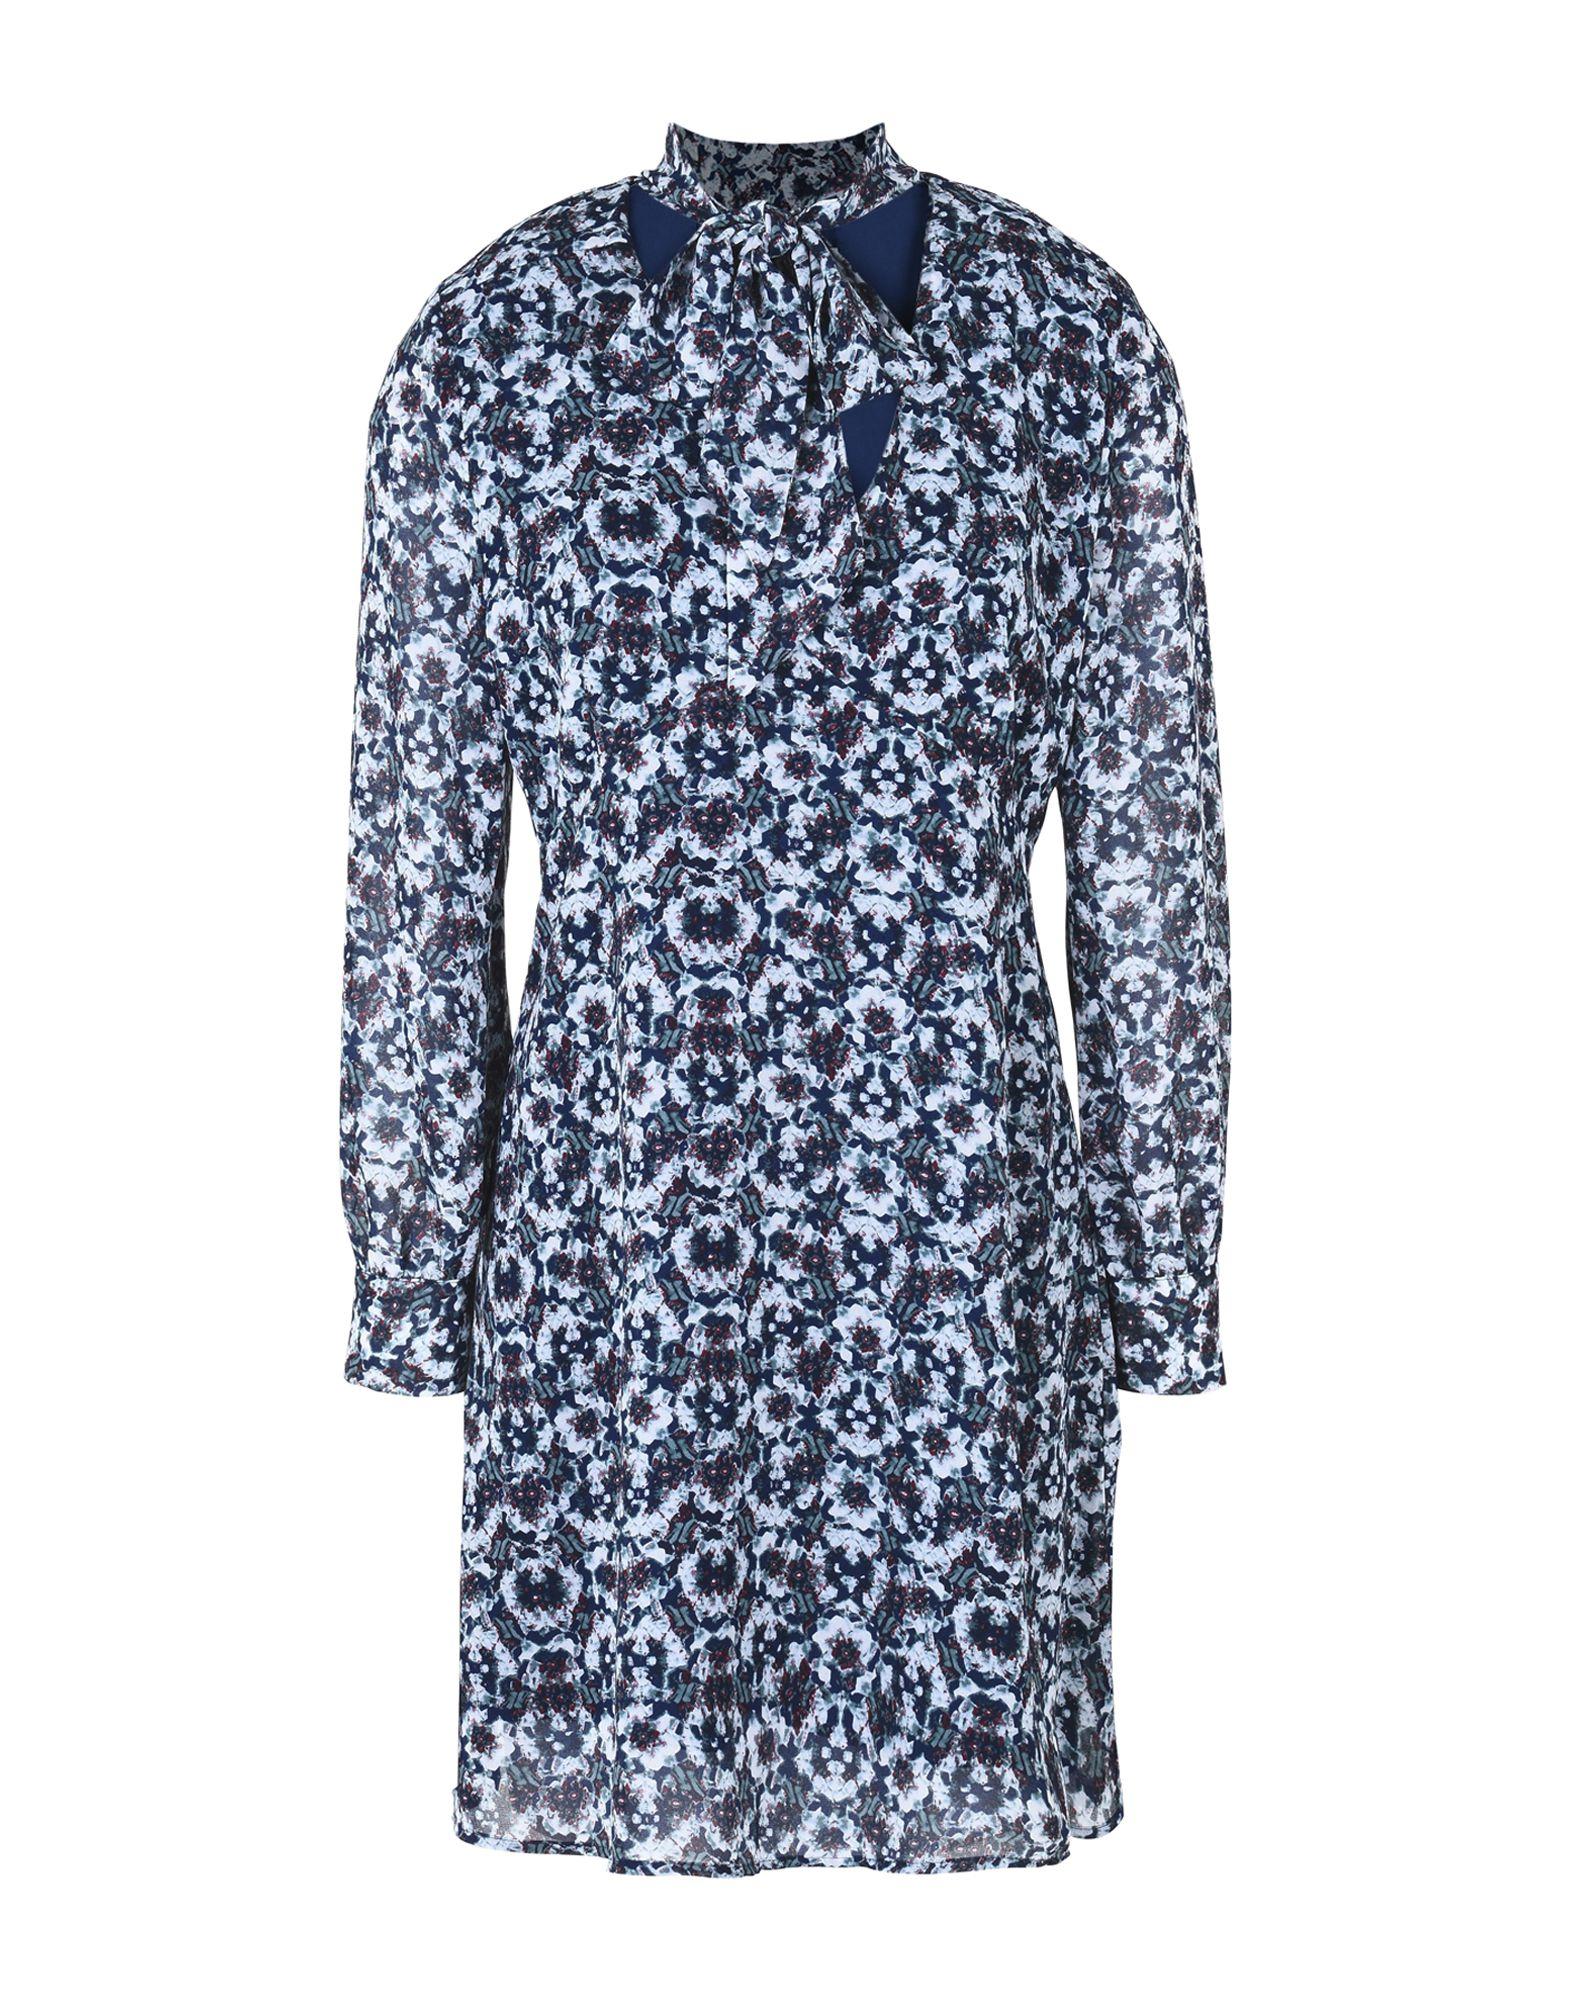 8 Короткое платье clara kito короткое платье